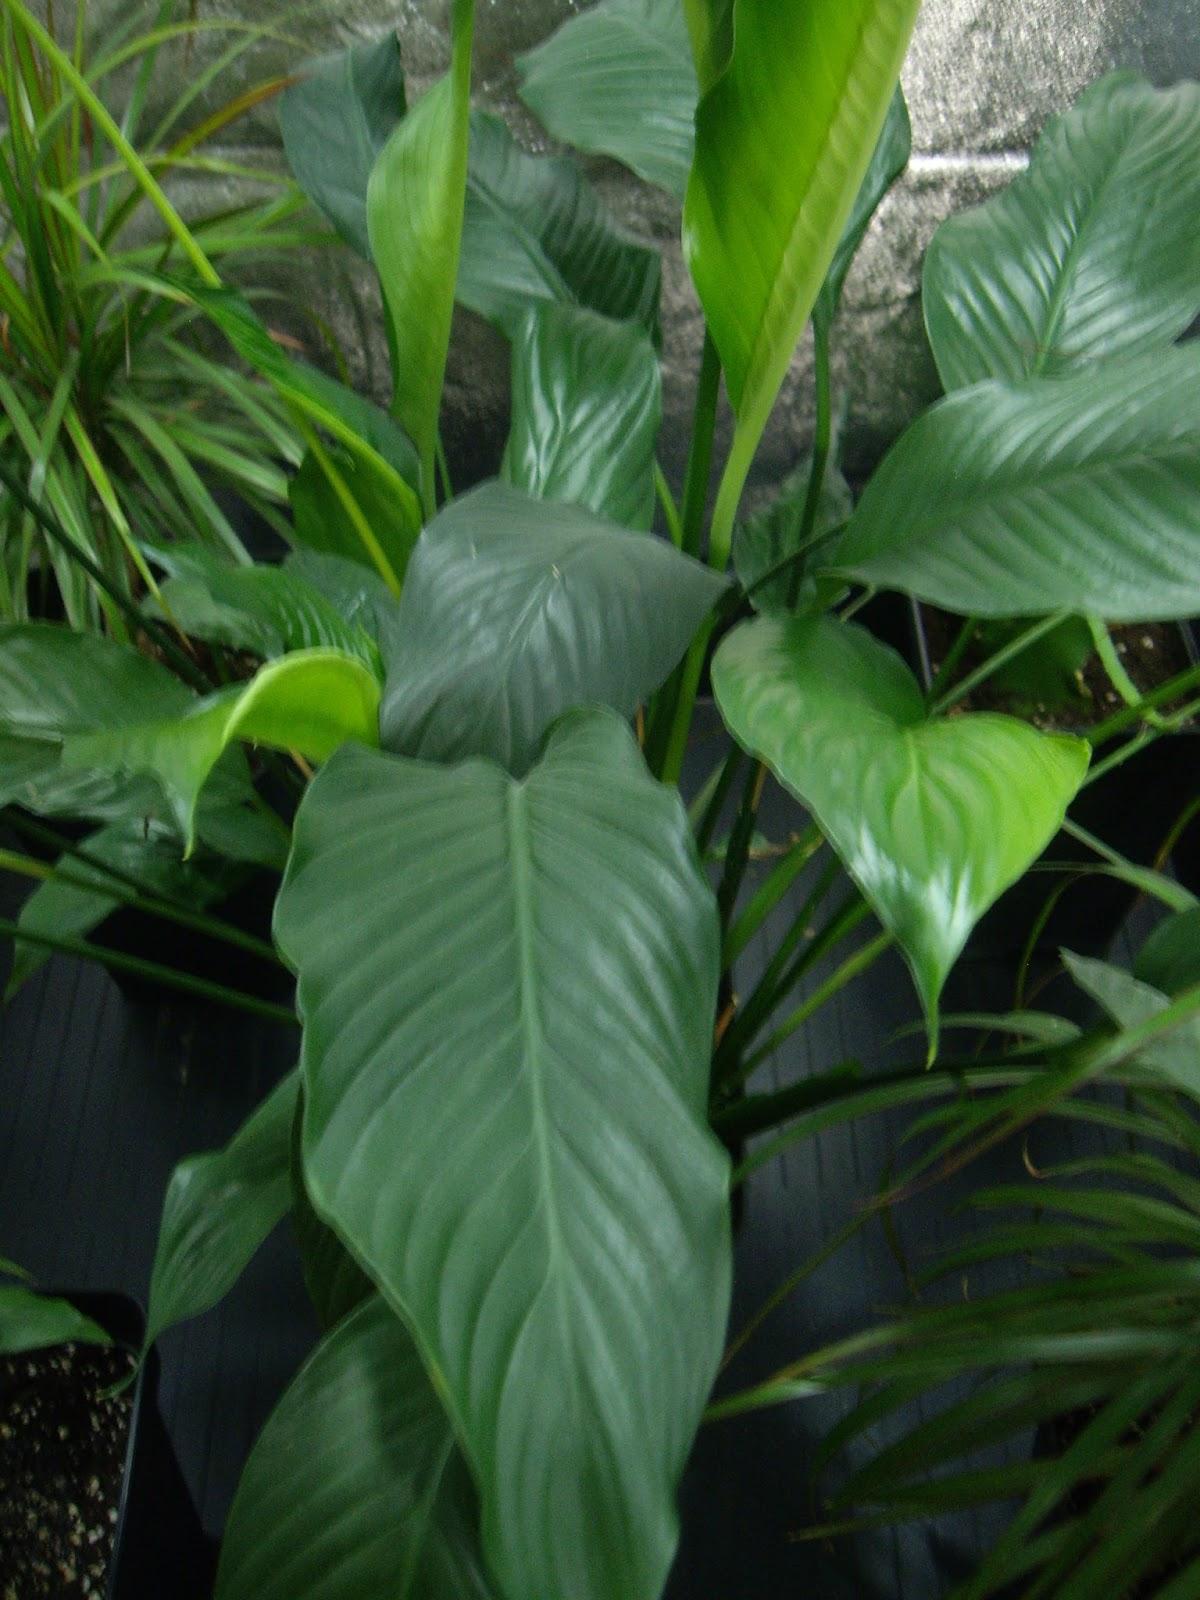 planta ornamental hojas acorazonadas las claves para